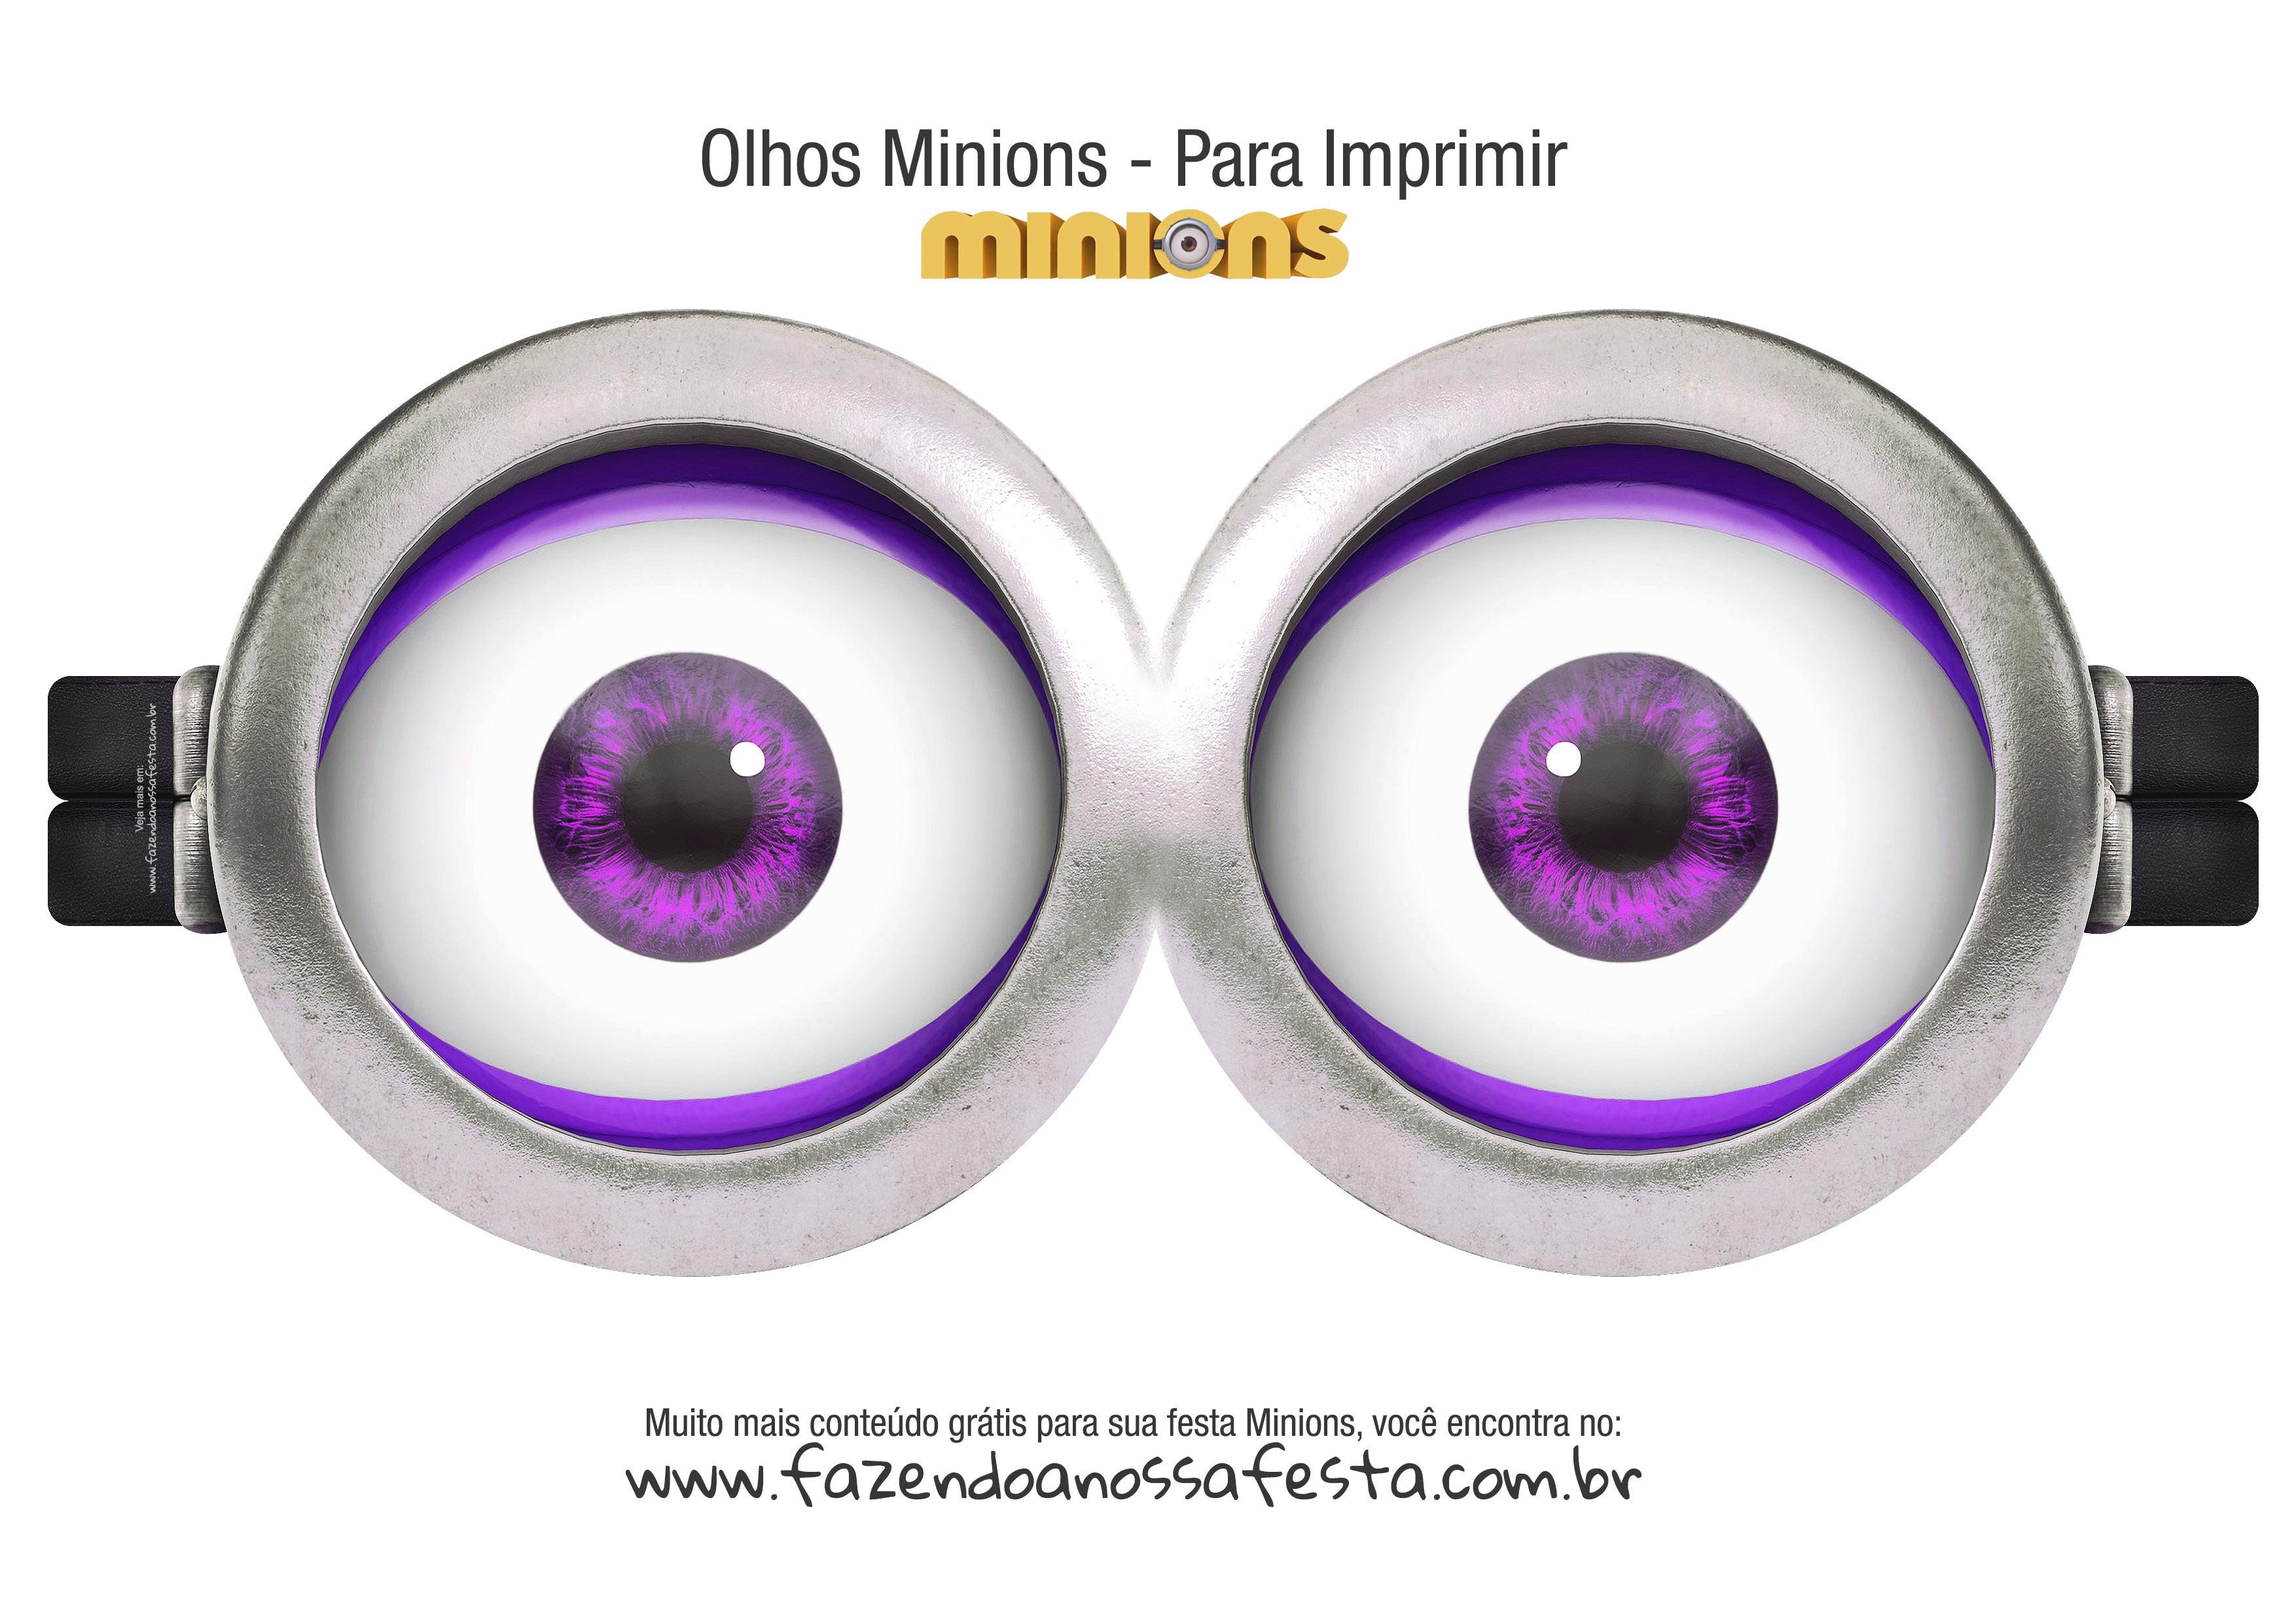 Olhos Minions do Mal